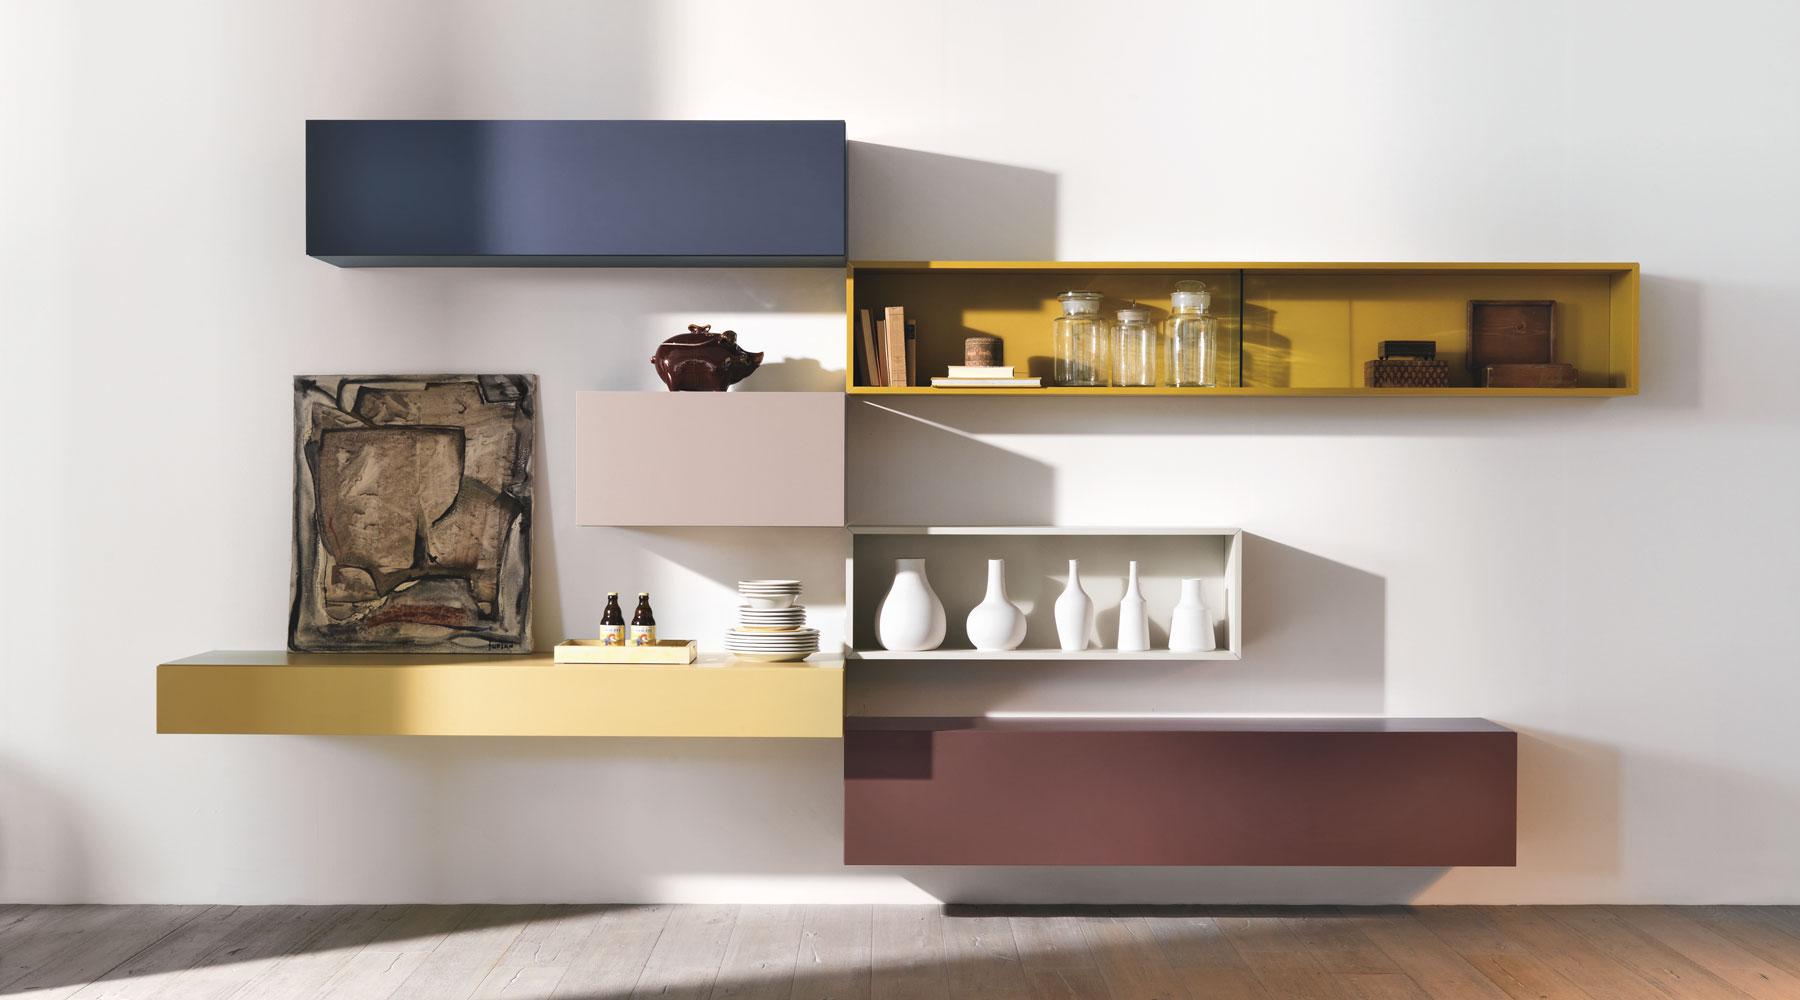 Arredamenti iacobellis laterza mobili moderni e for Listino prezzi lago arredamenti